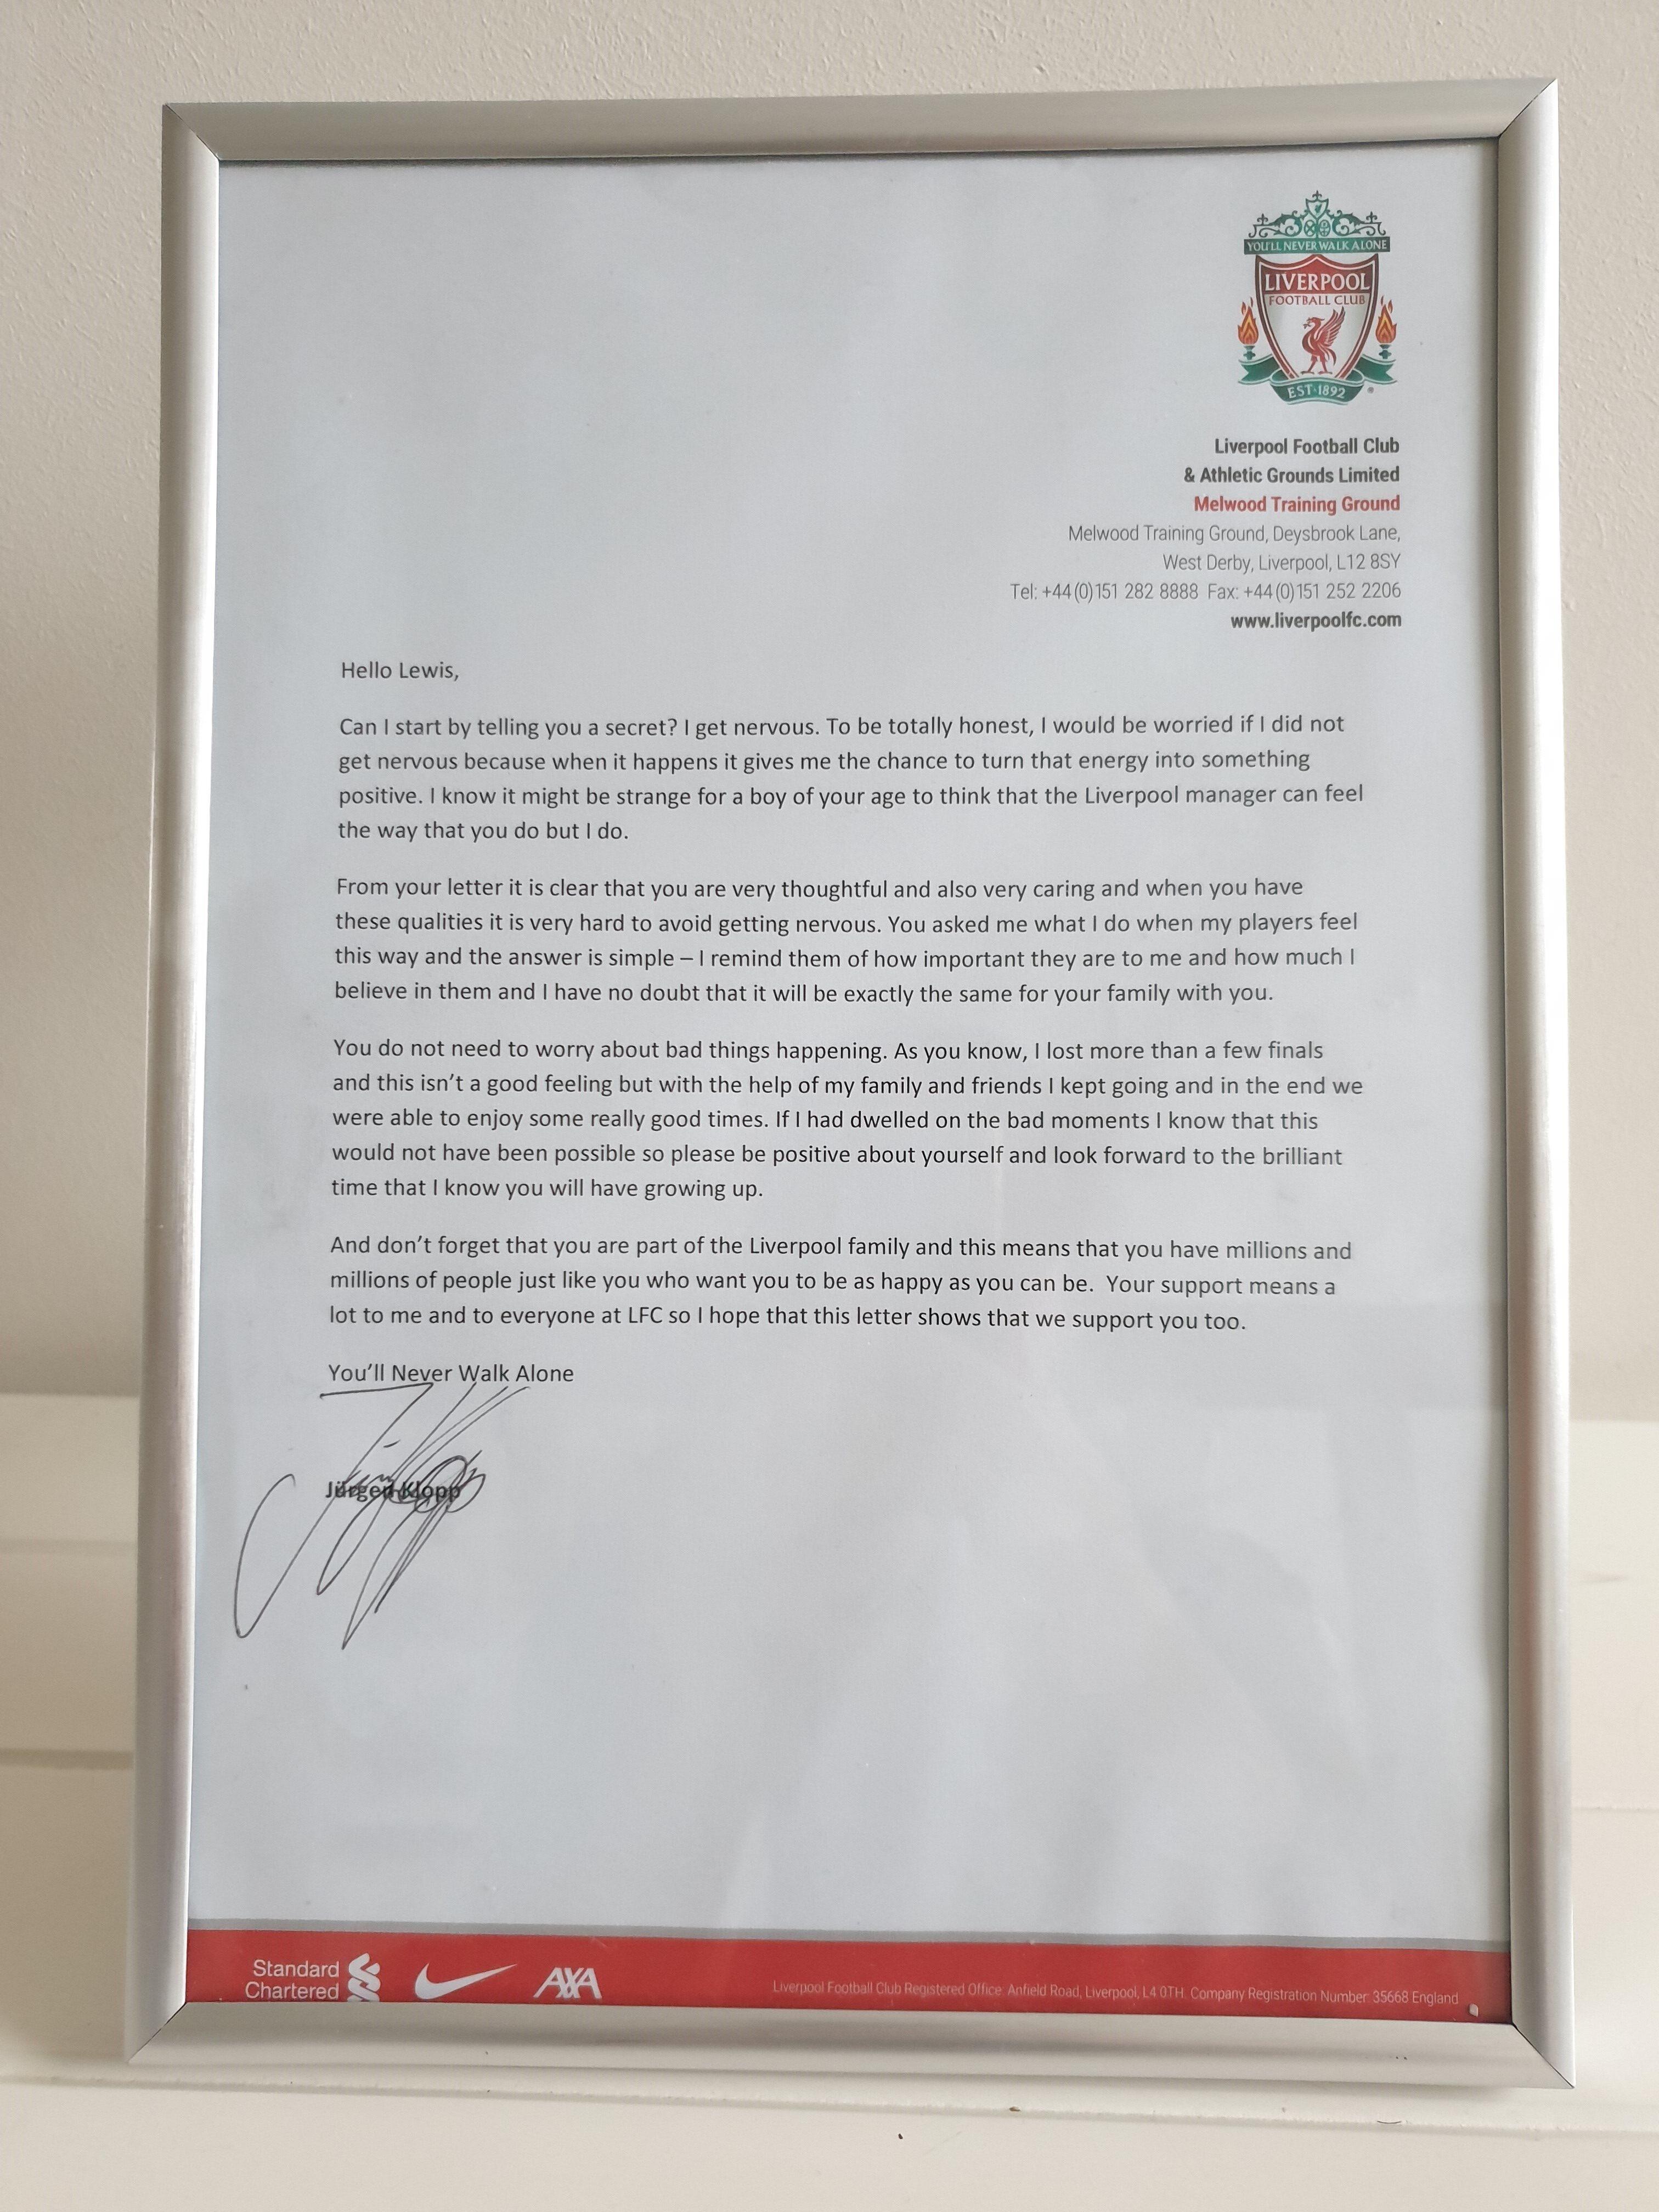 The framed letter from Jurgen Klopp to Lewis